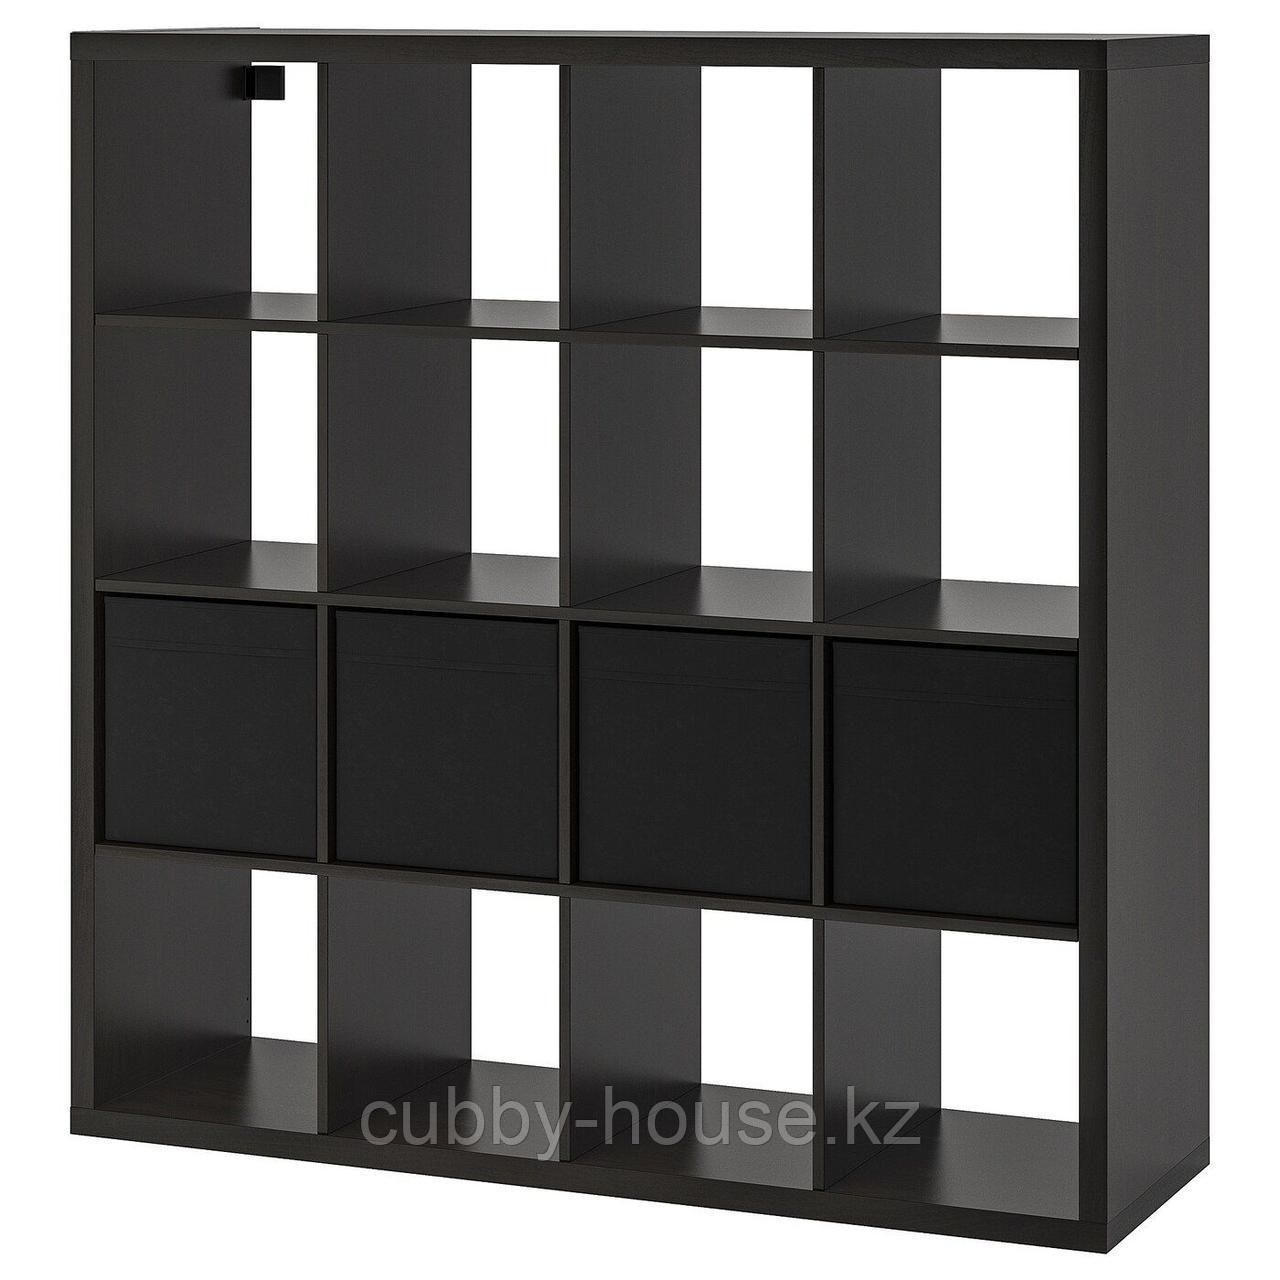 КАЛЛАКС Стеллаж с 4 вставками, белый, черный, 147x147 см